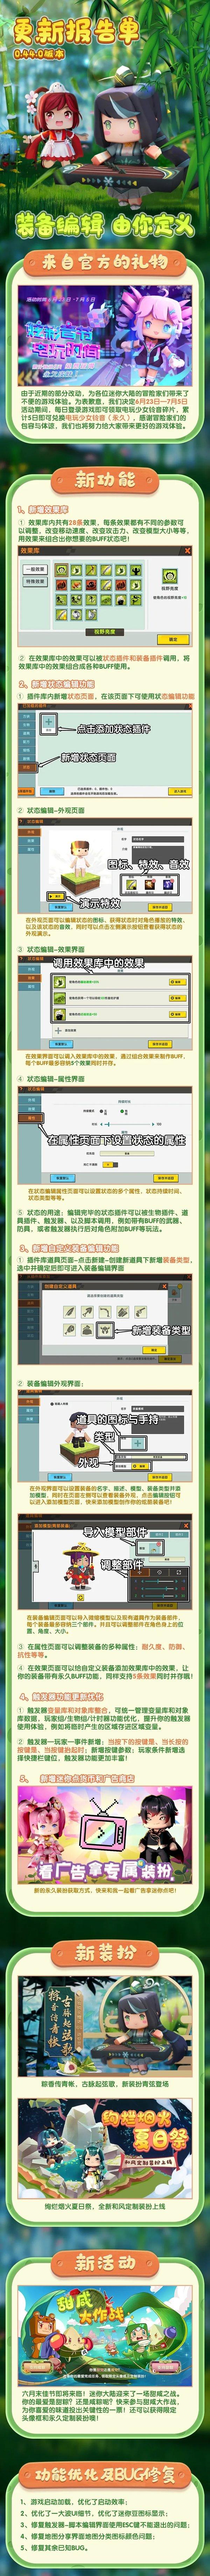 迷你世界0.44.0版本正式版更新预览